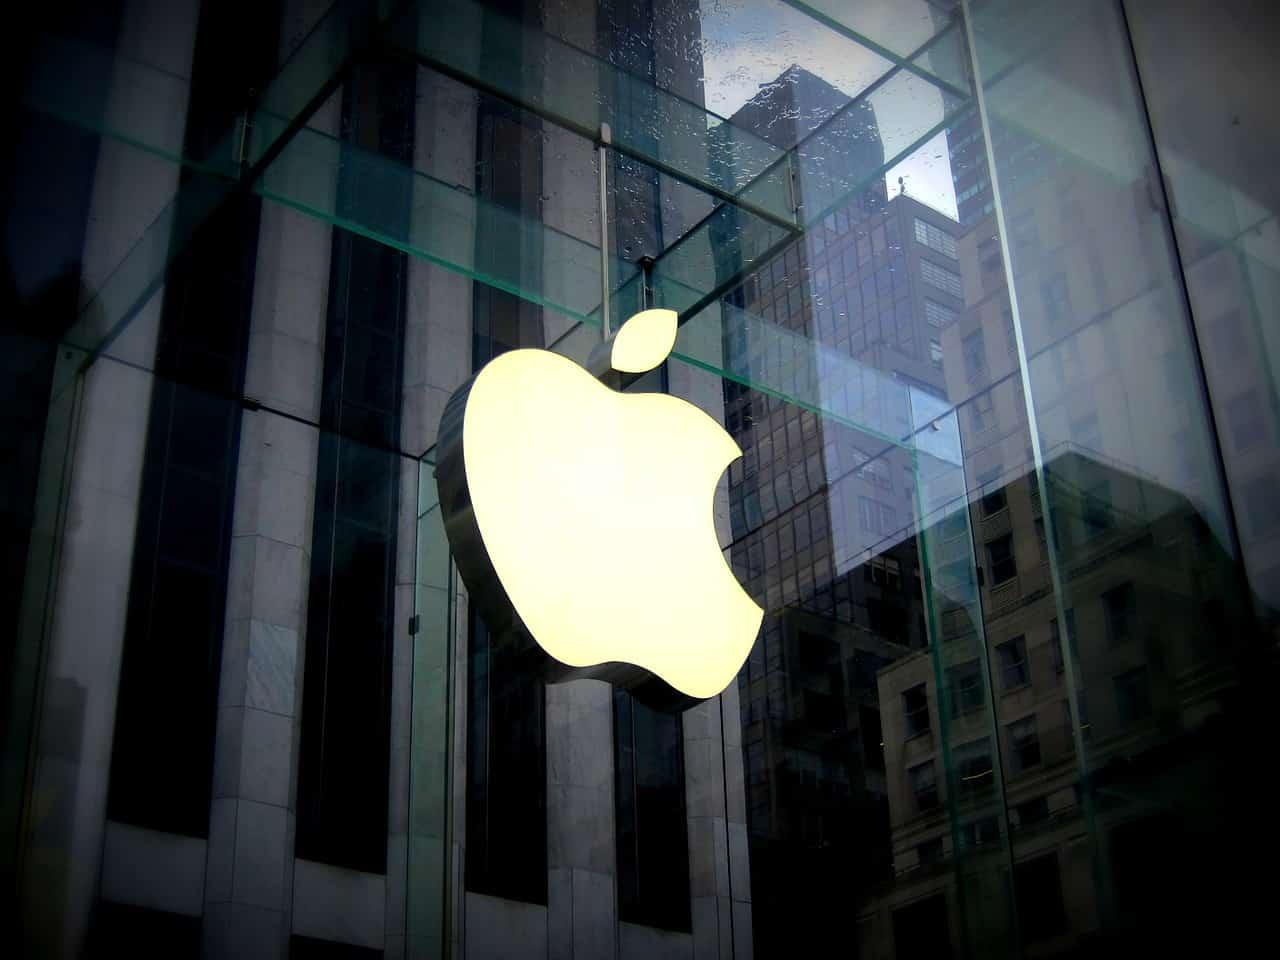 La compagnie aérienne United demande à ses employés de chouchouter ceux d'Apple